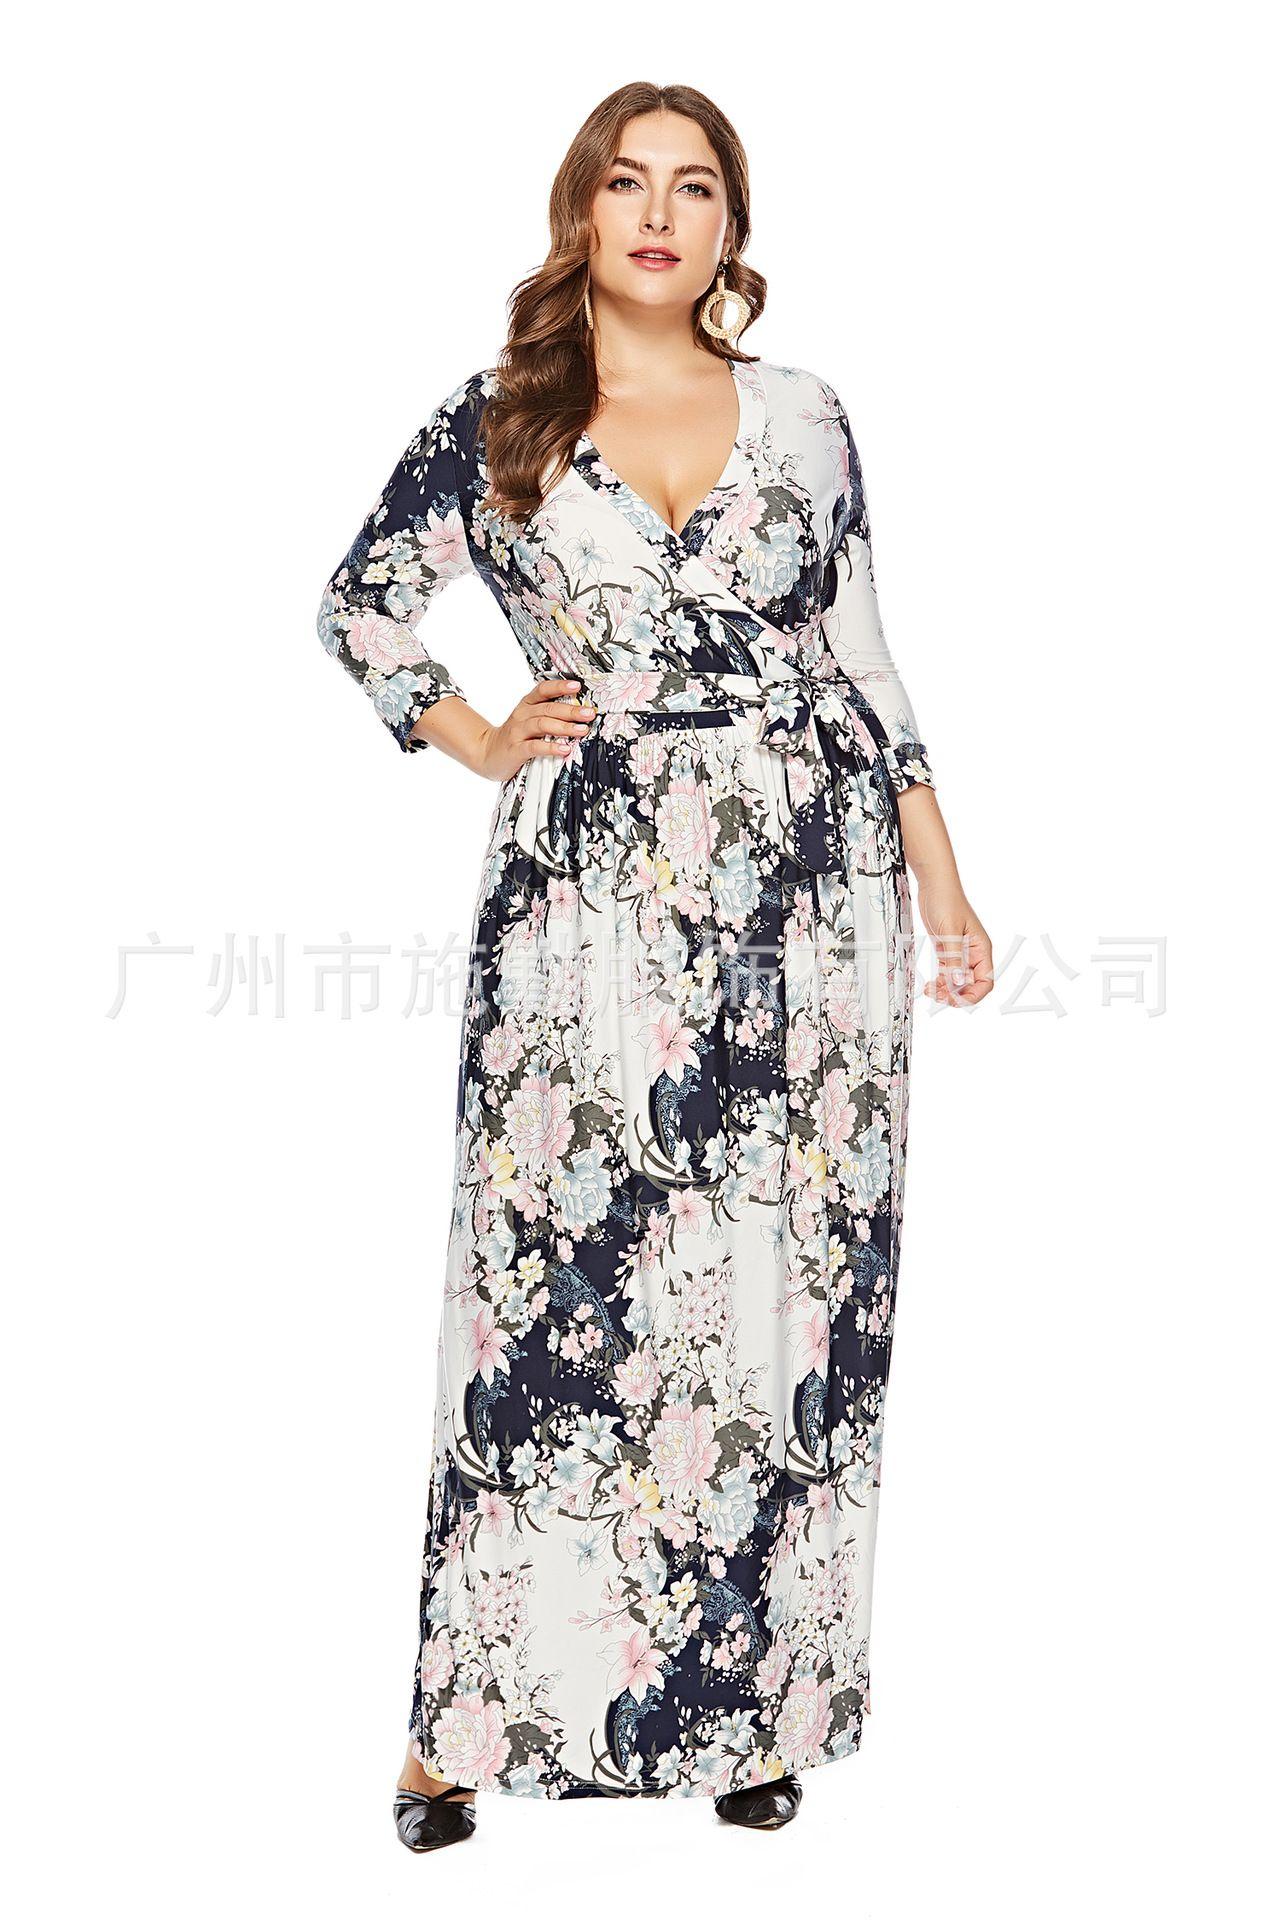 Polyester Fashion Dress Whitexl Nhsq0002whitexl Floral Dress Casual Casual Dresses Plus Size Cheap Maxi Dresses [ 1920 x 1280 Pixel ]